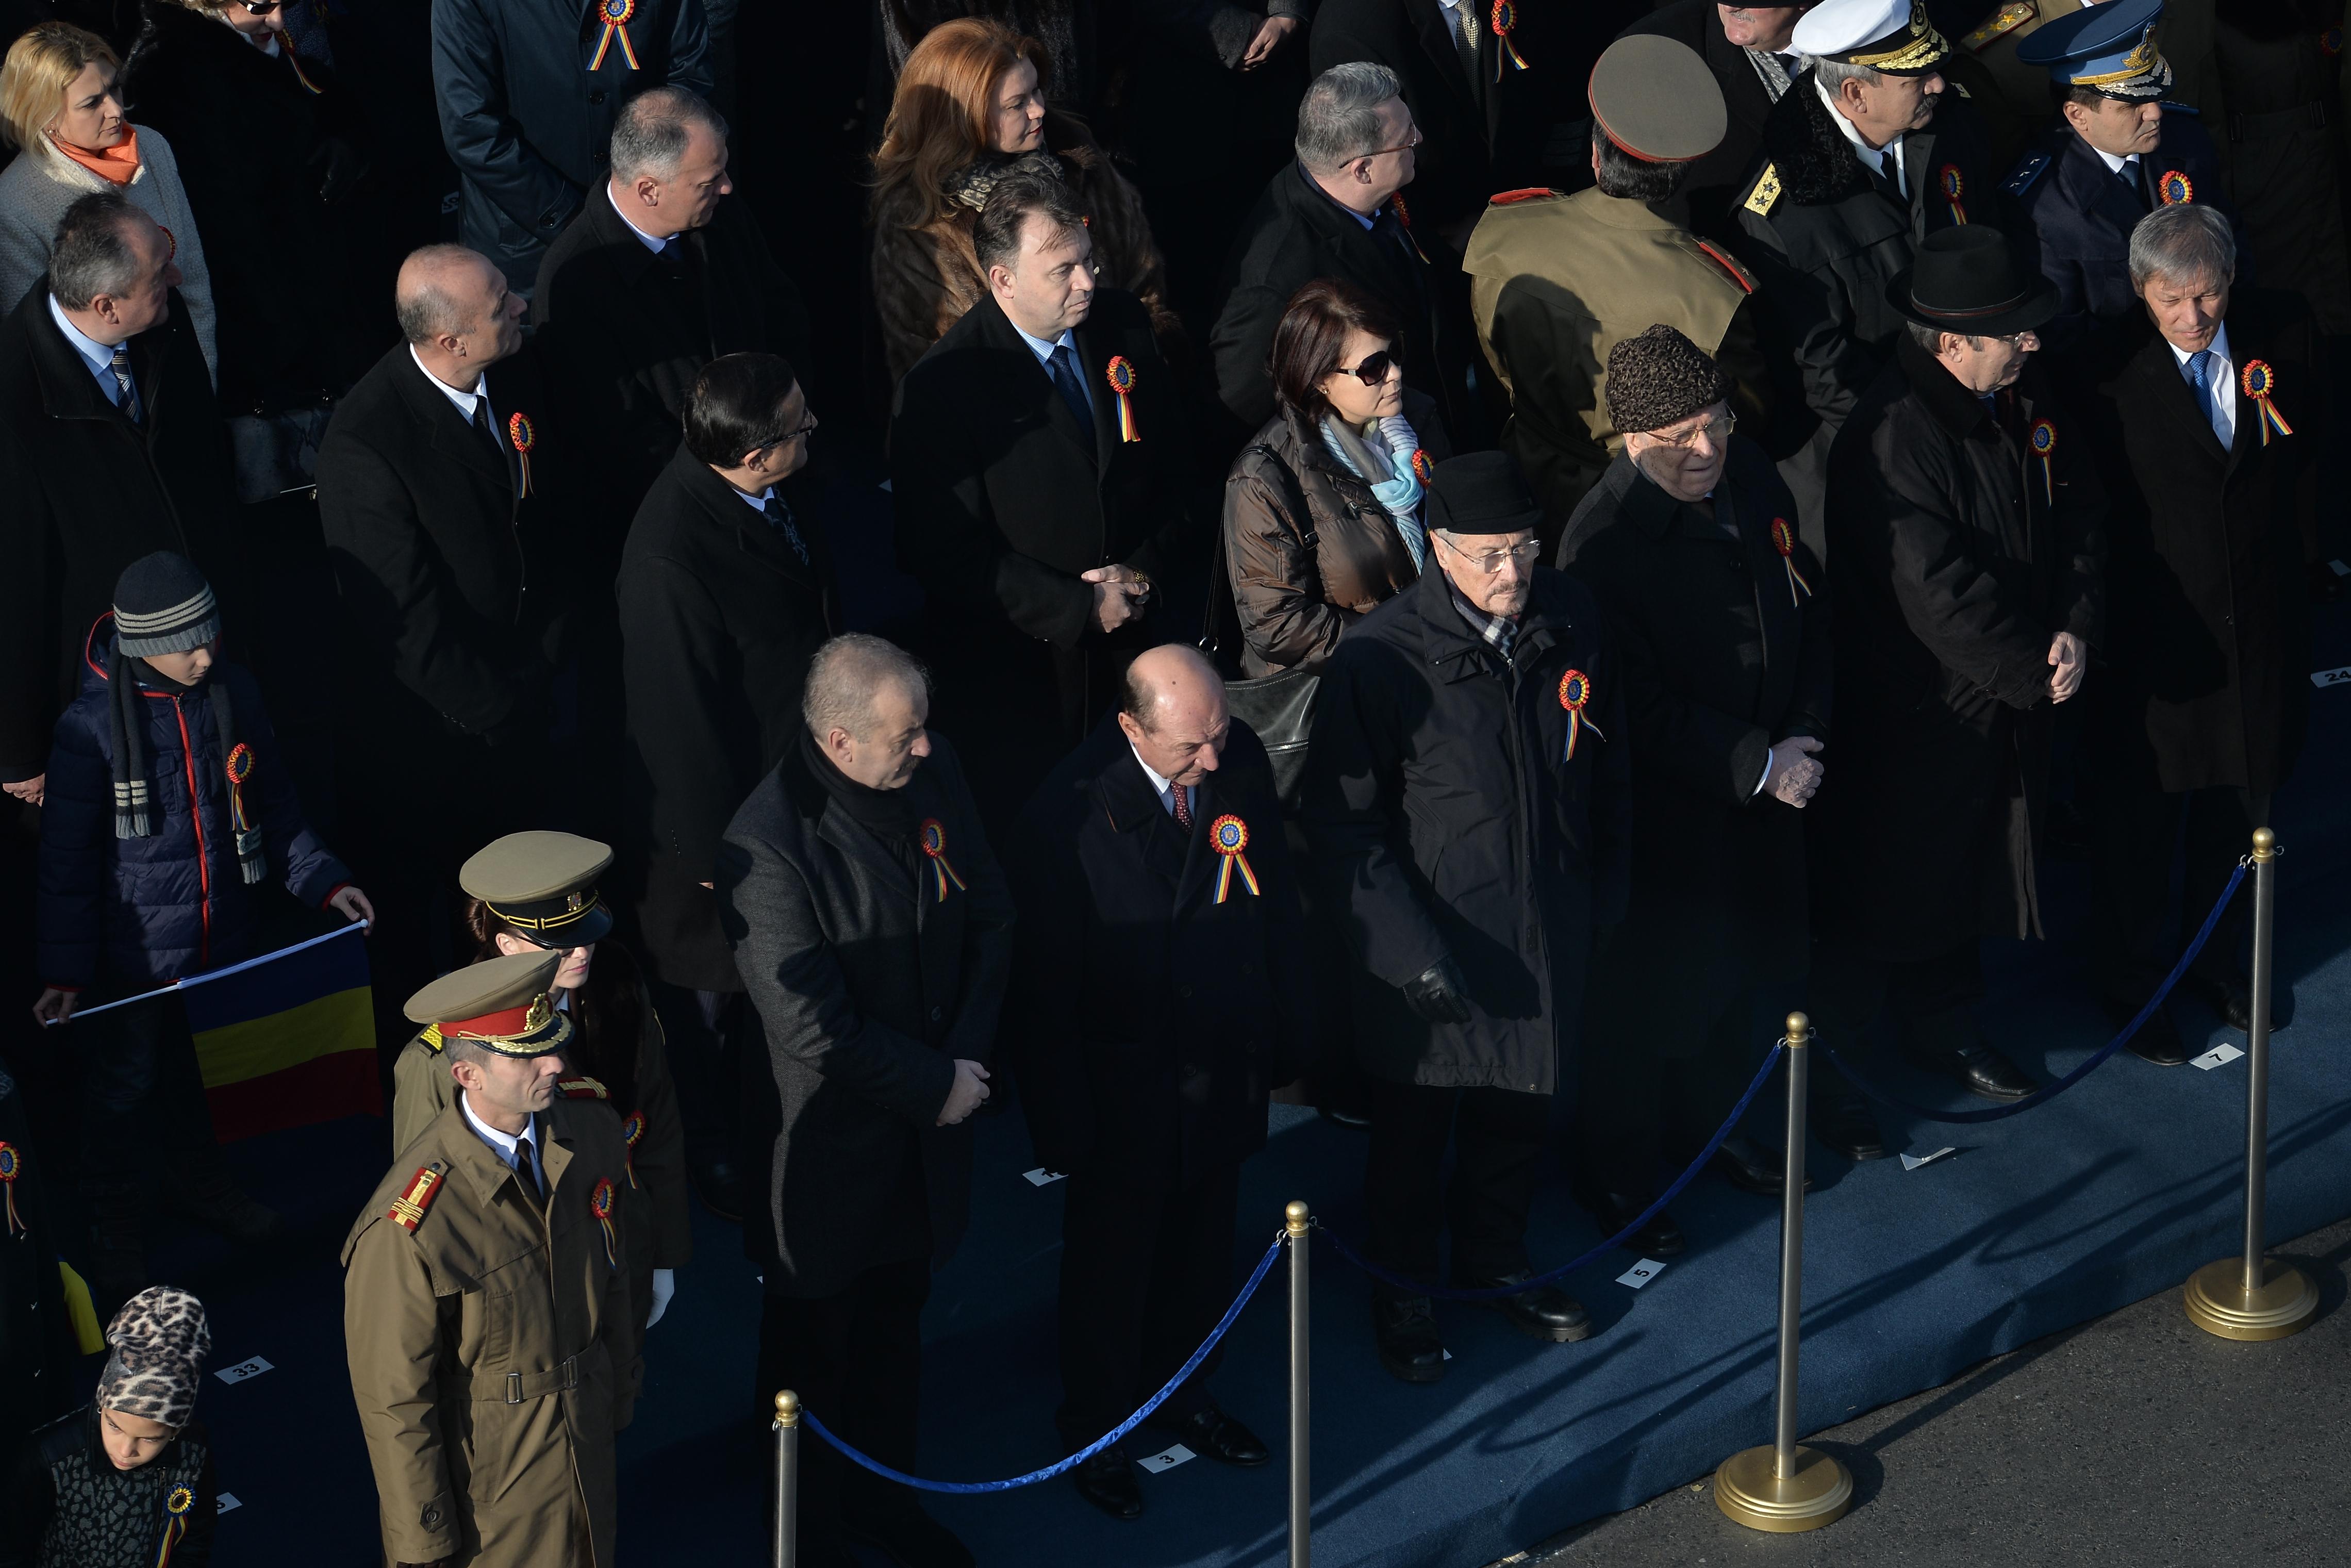 1  decembrie 2016, Ziua Naţională a României, în imagini